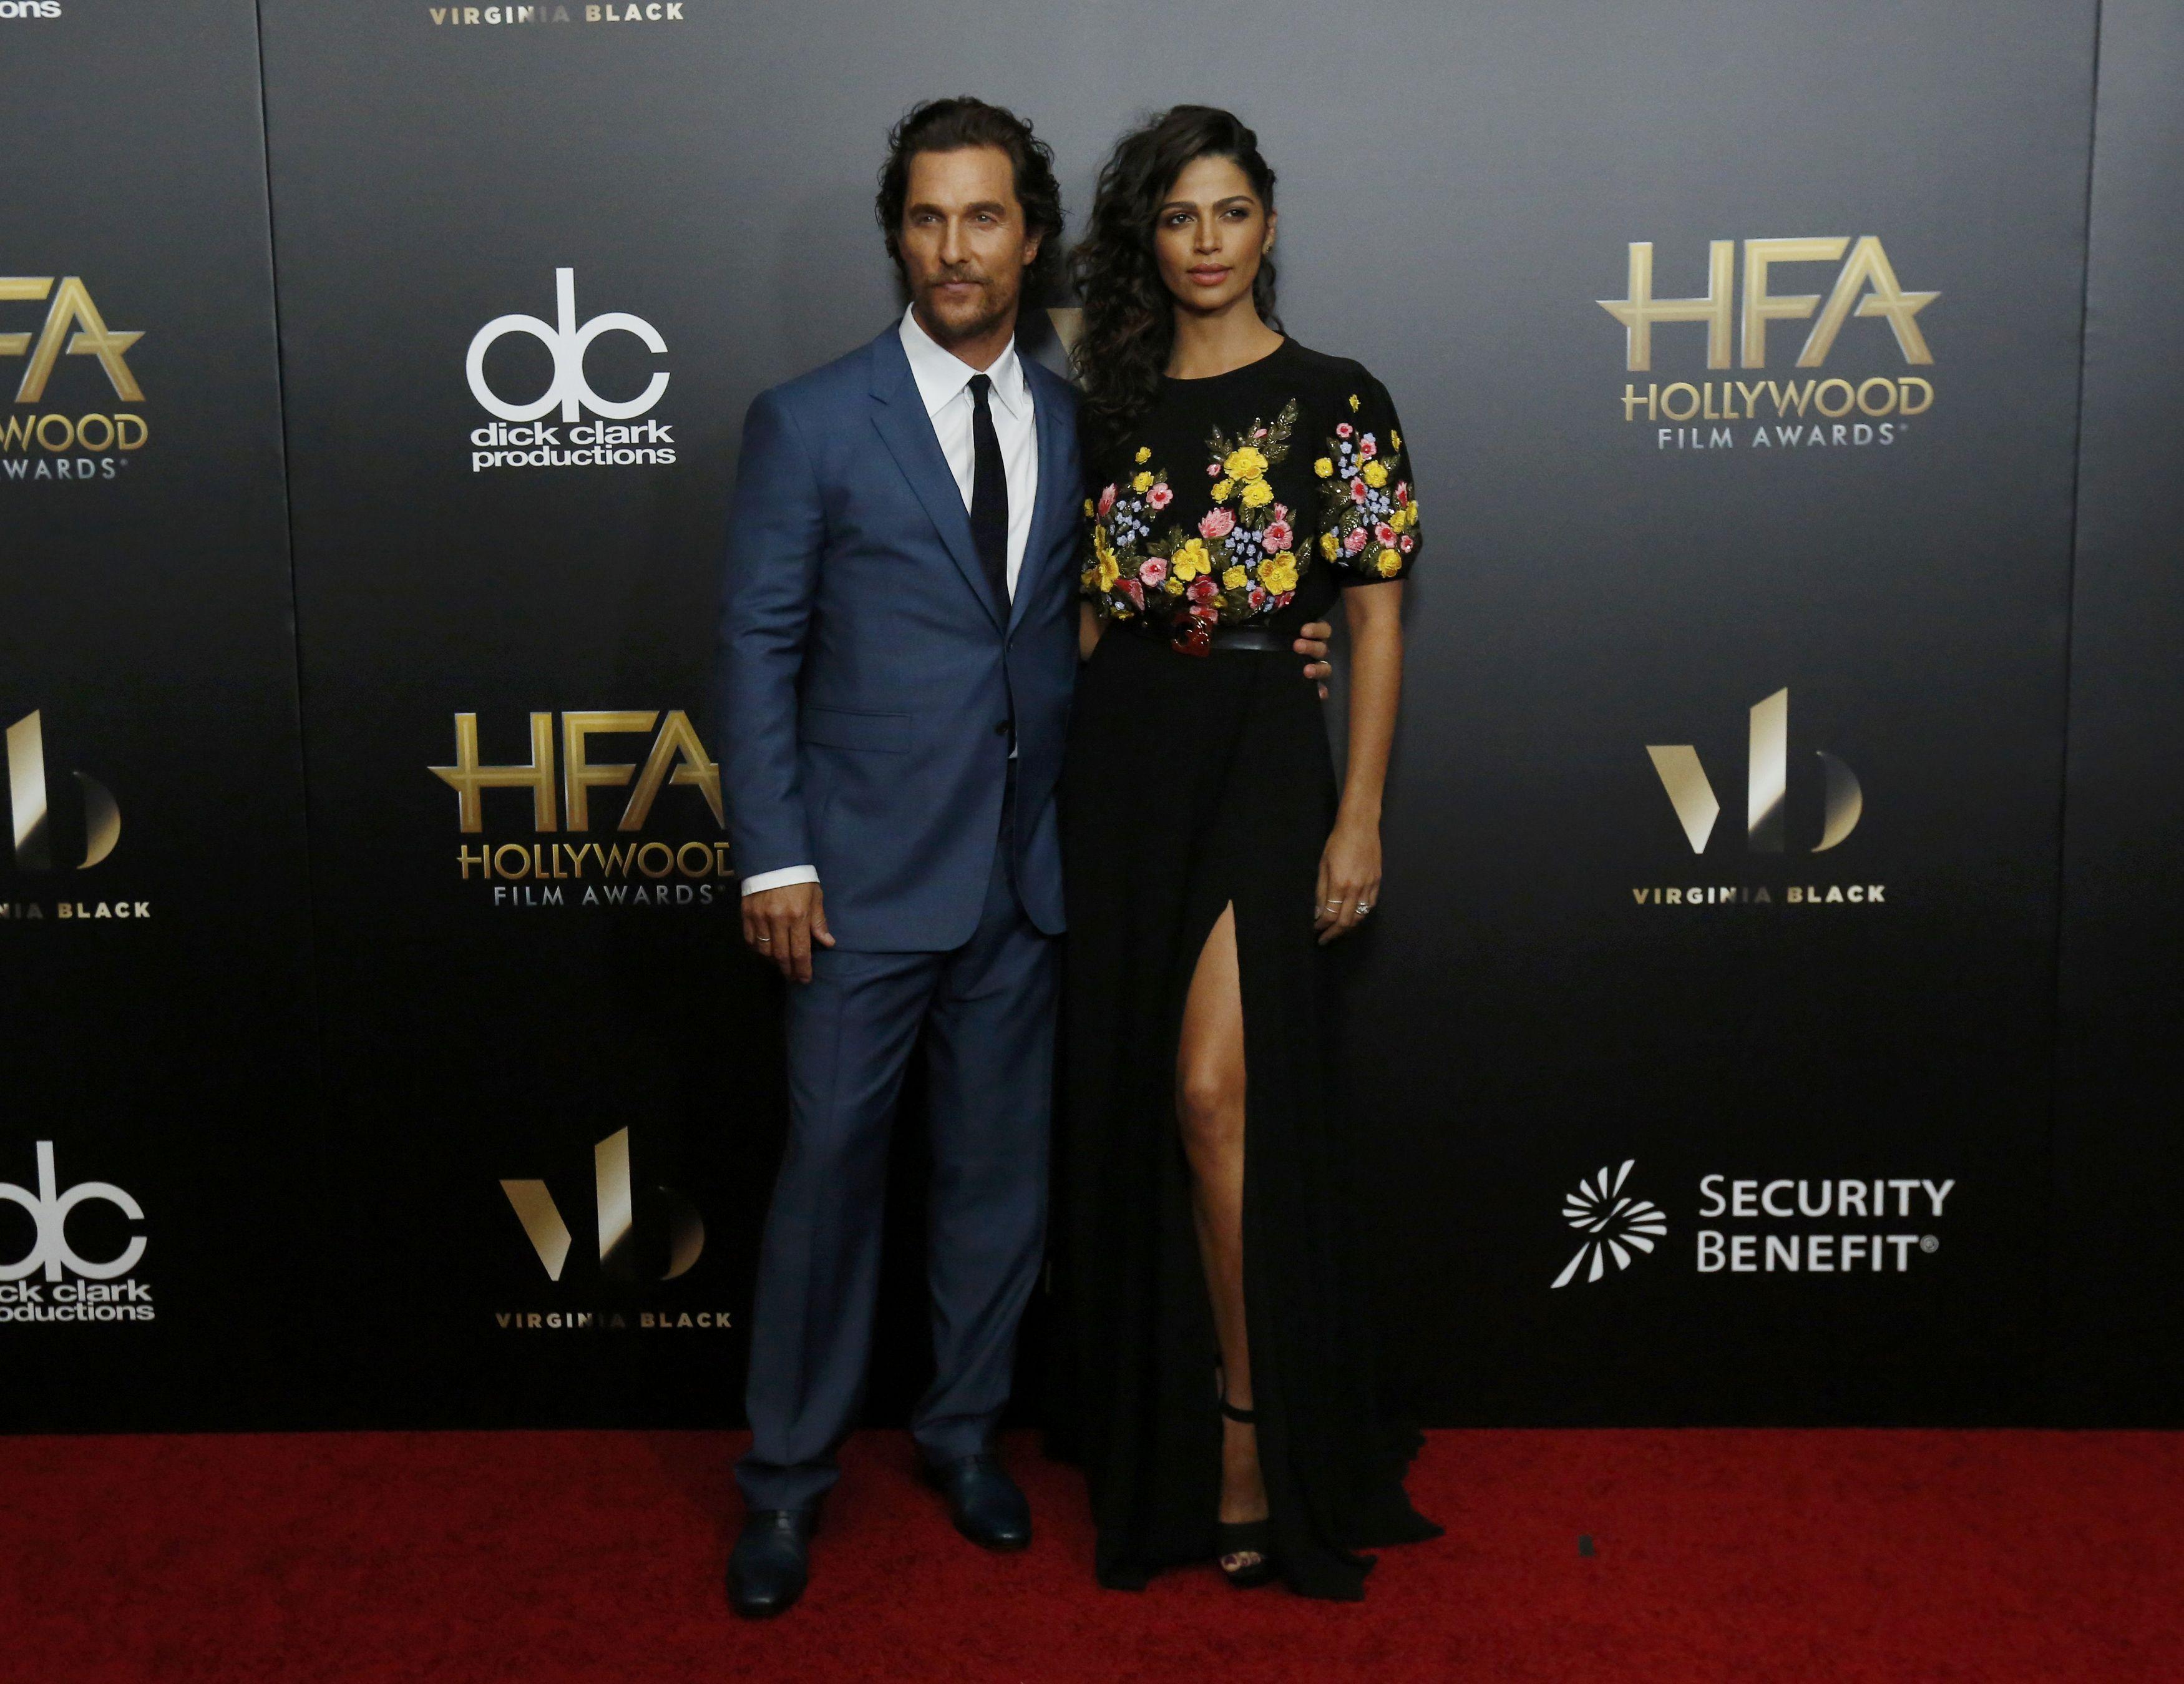 Matthew McConaughey e Camila Alves em prêmio de cinema em Los Angeles, nos Estados Unidos